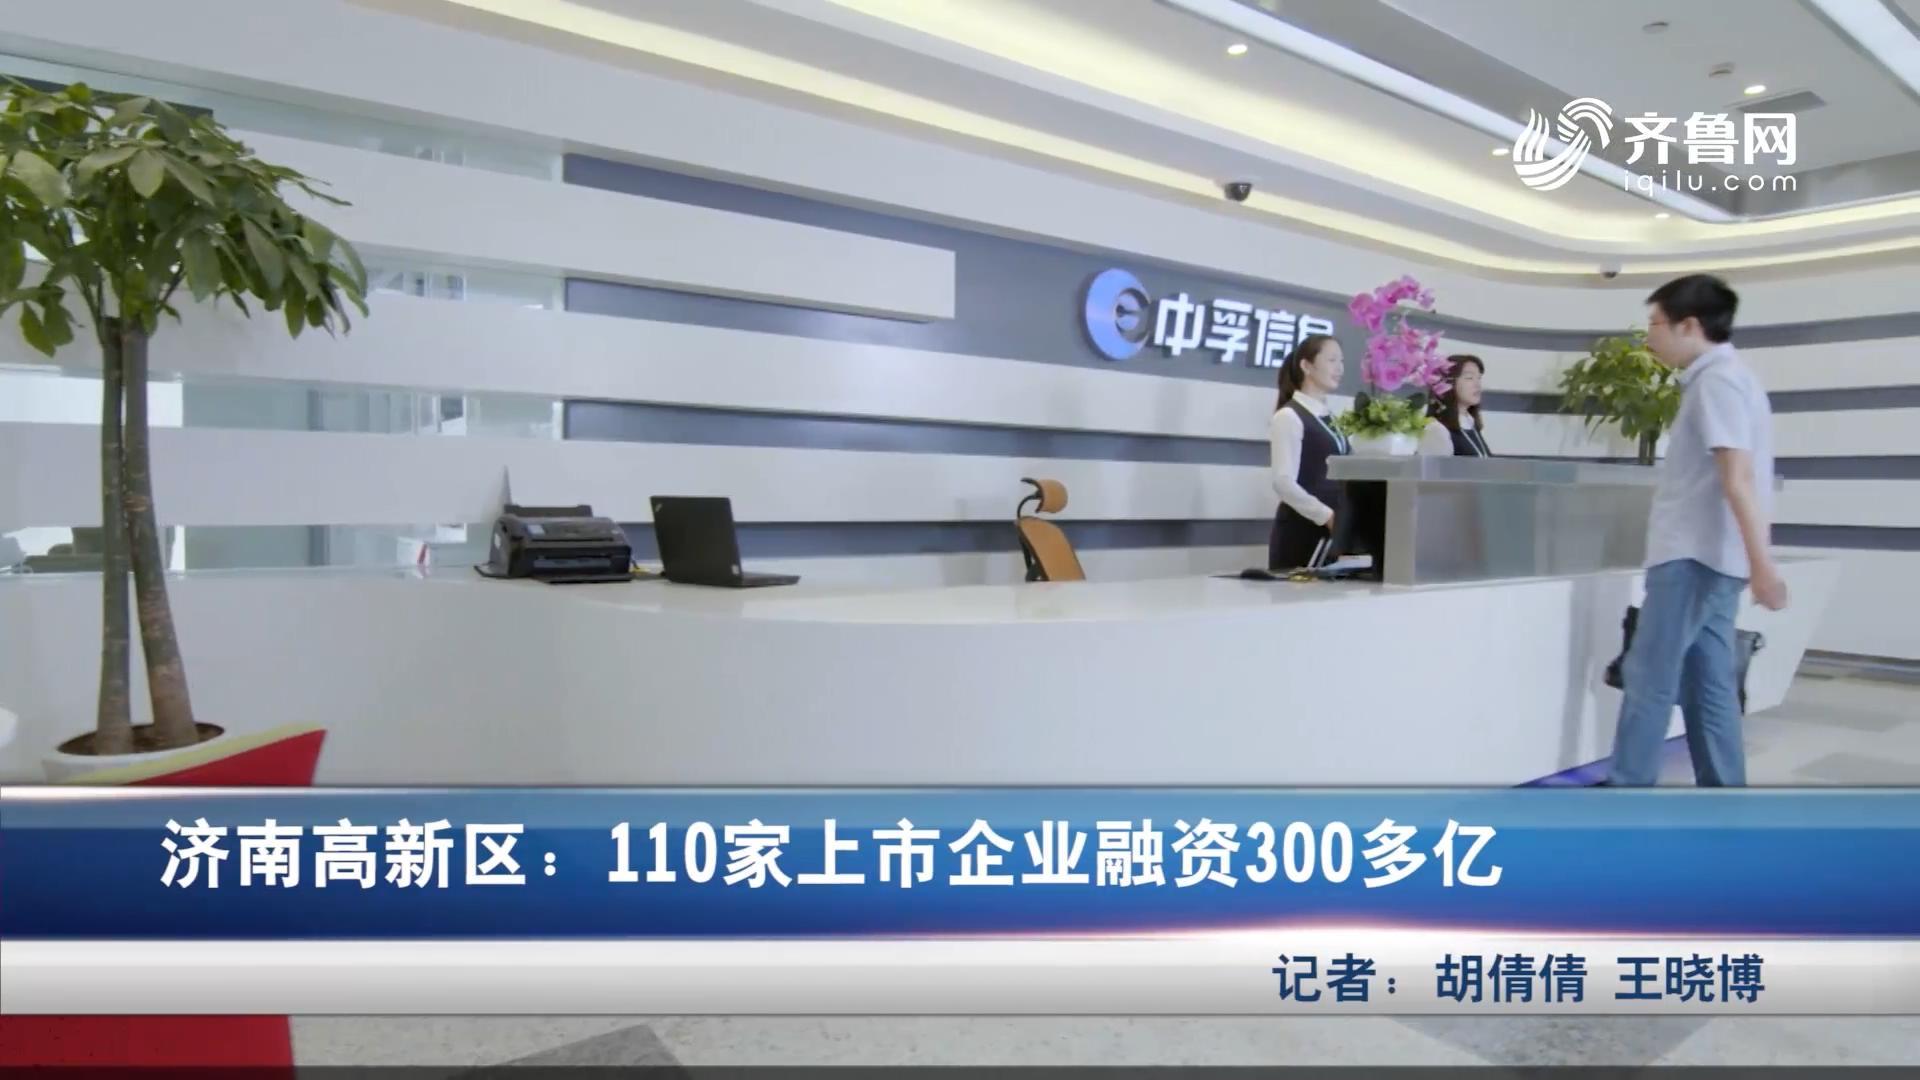 济南高新区:110家上市企业融资300多亿